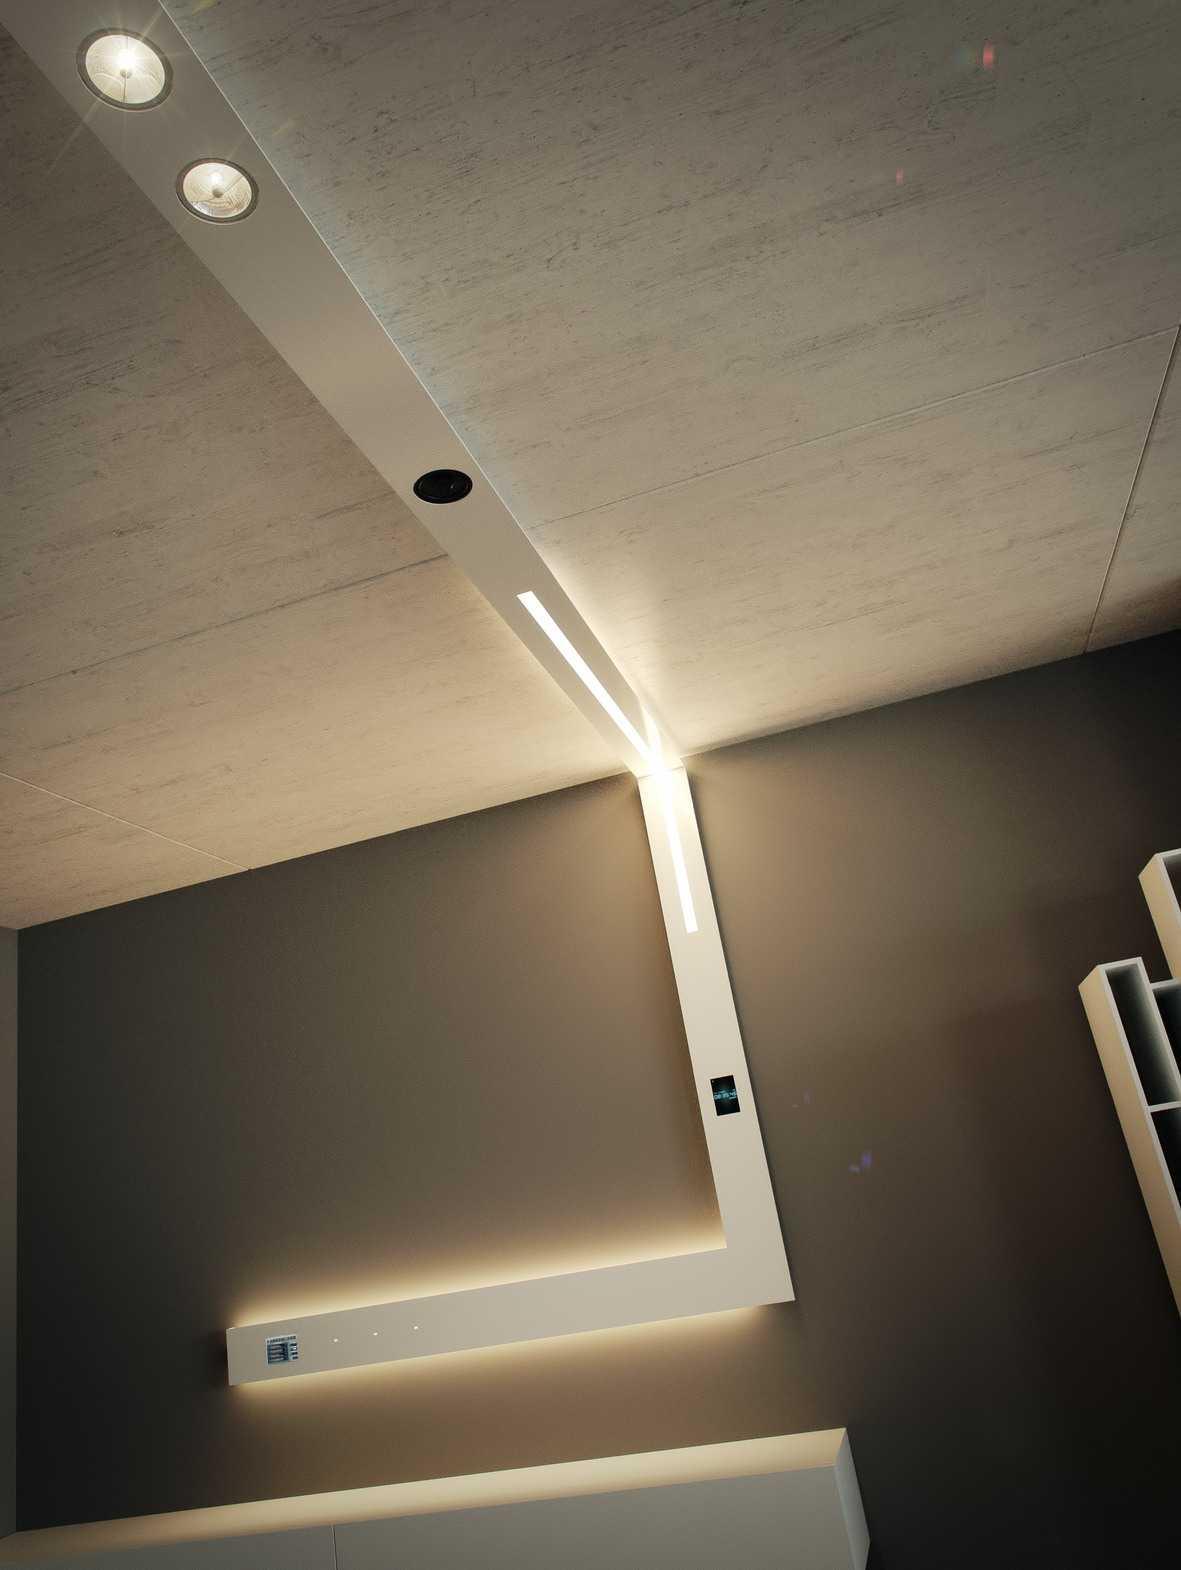 Illuminazione lampadari faretti e luci a led per la casa - Luci da casa ...